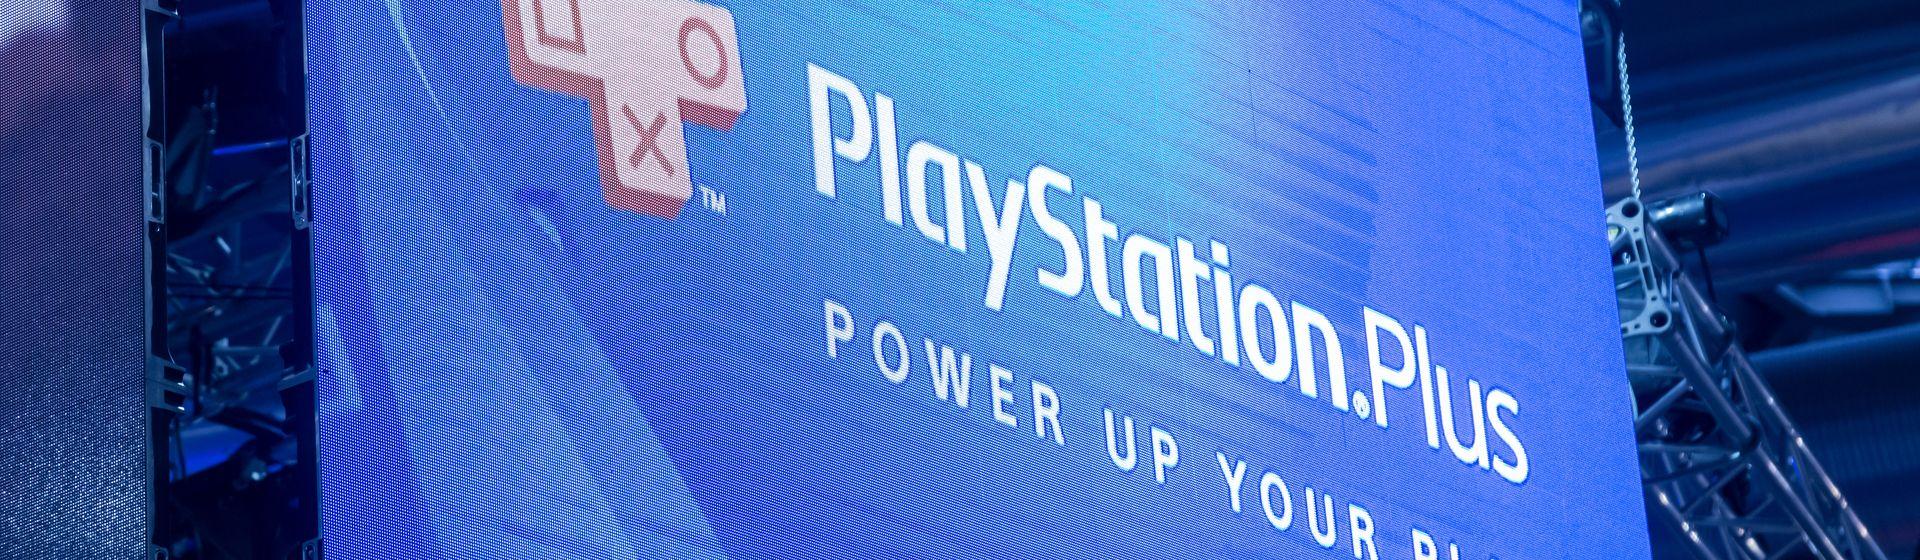 PS Plus: como pegar e baixar os jogos grátis pelo computador